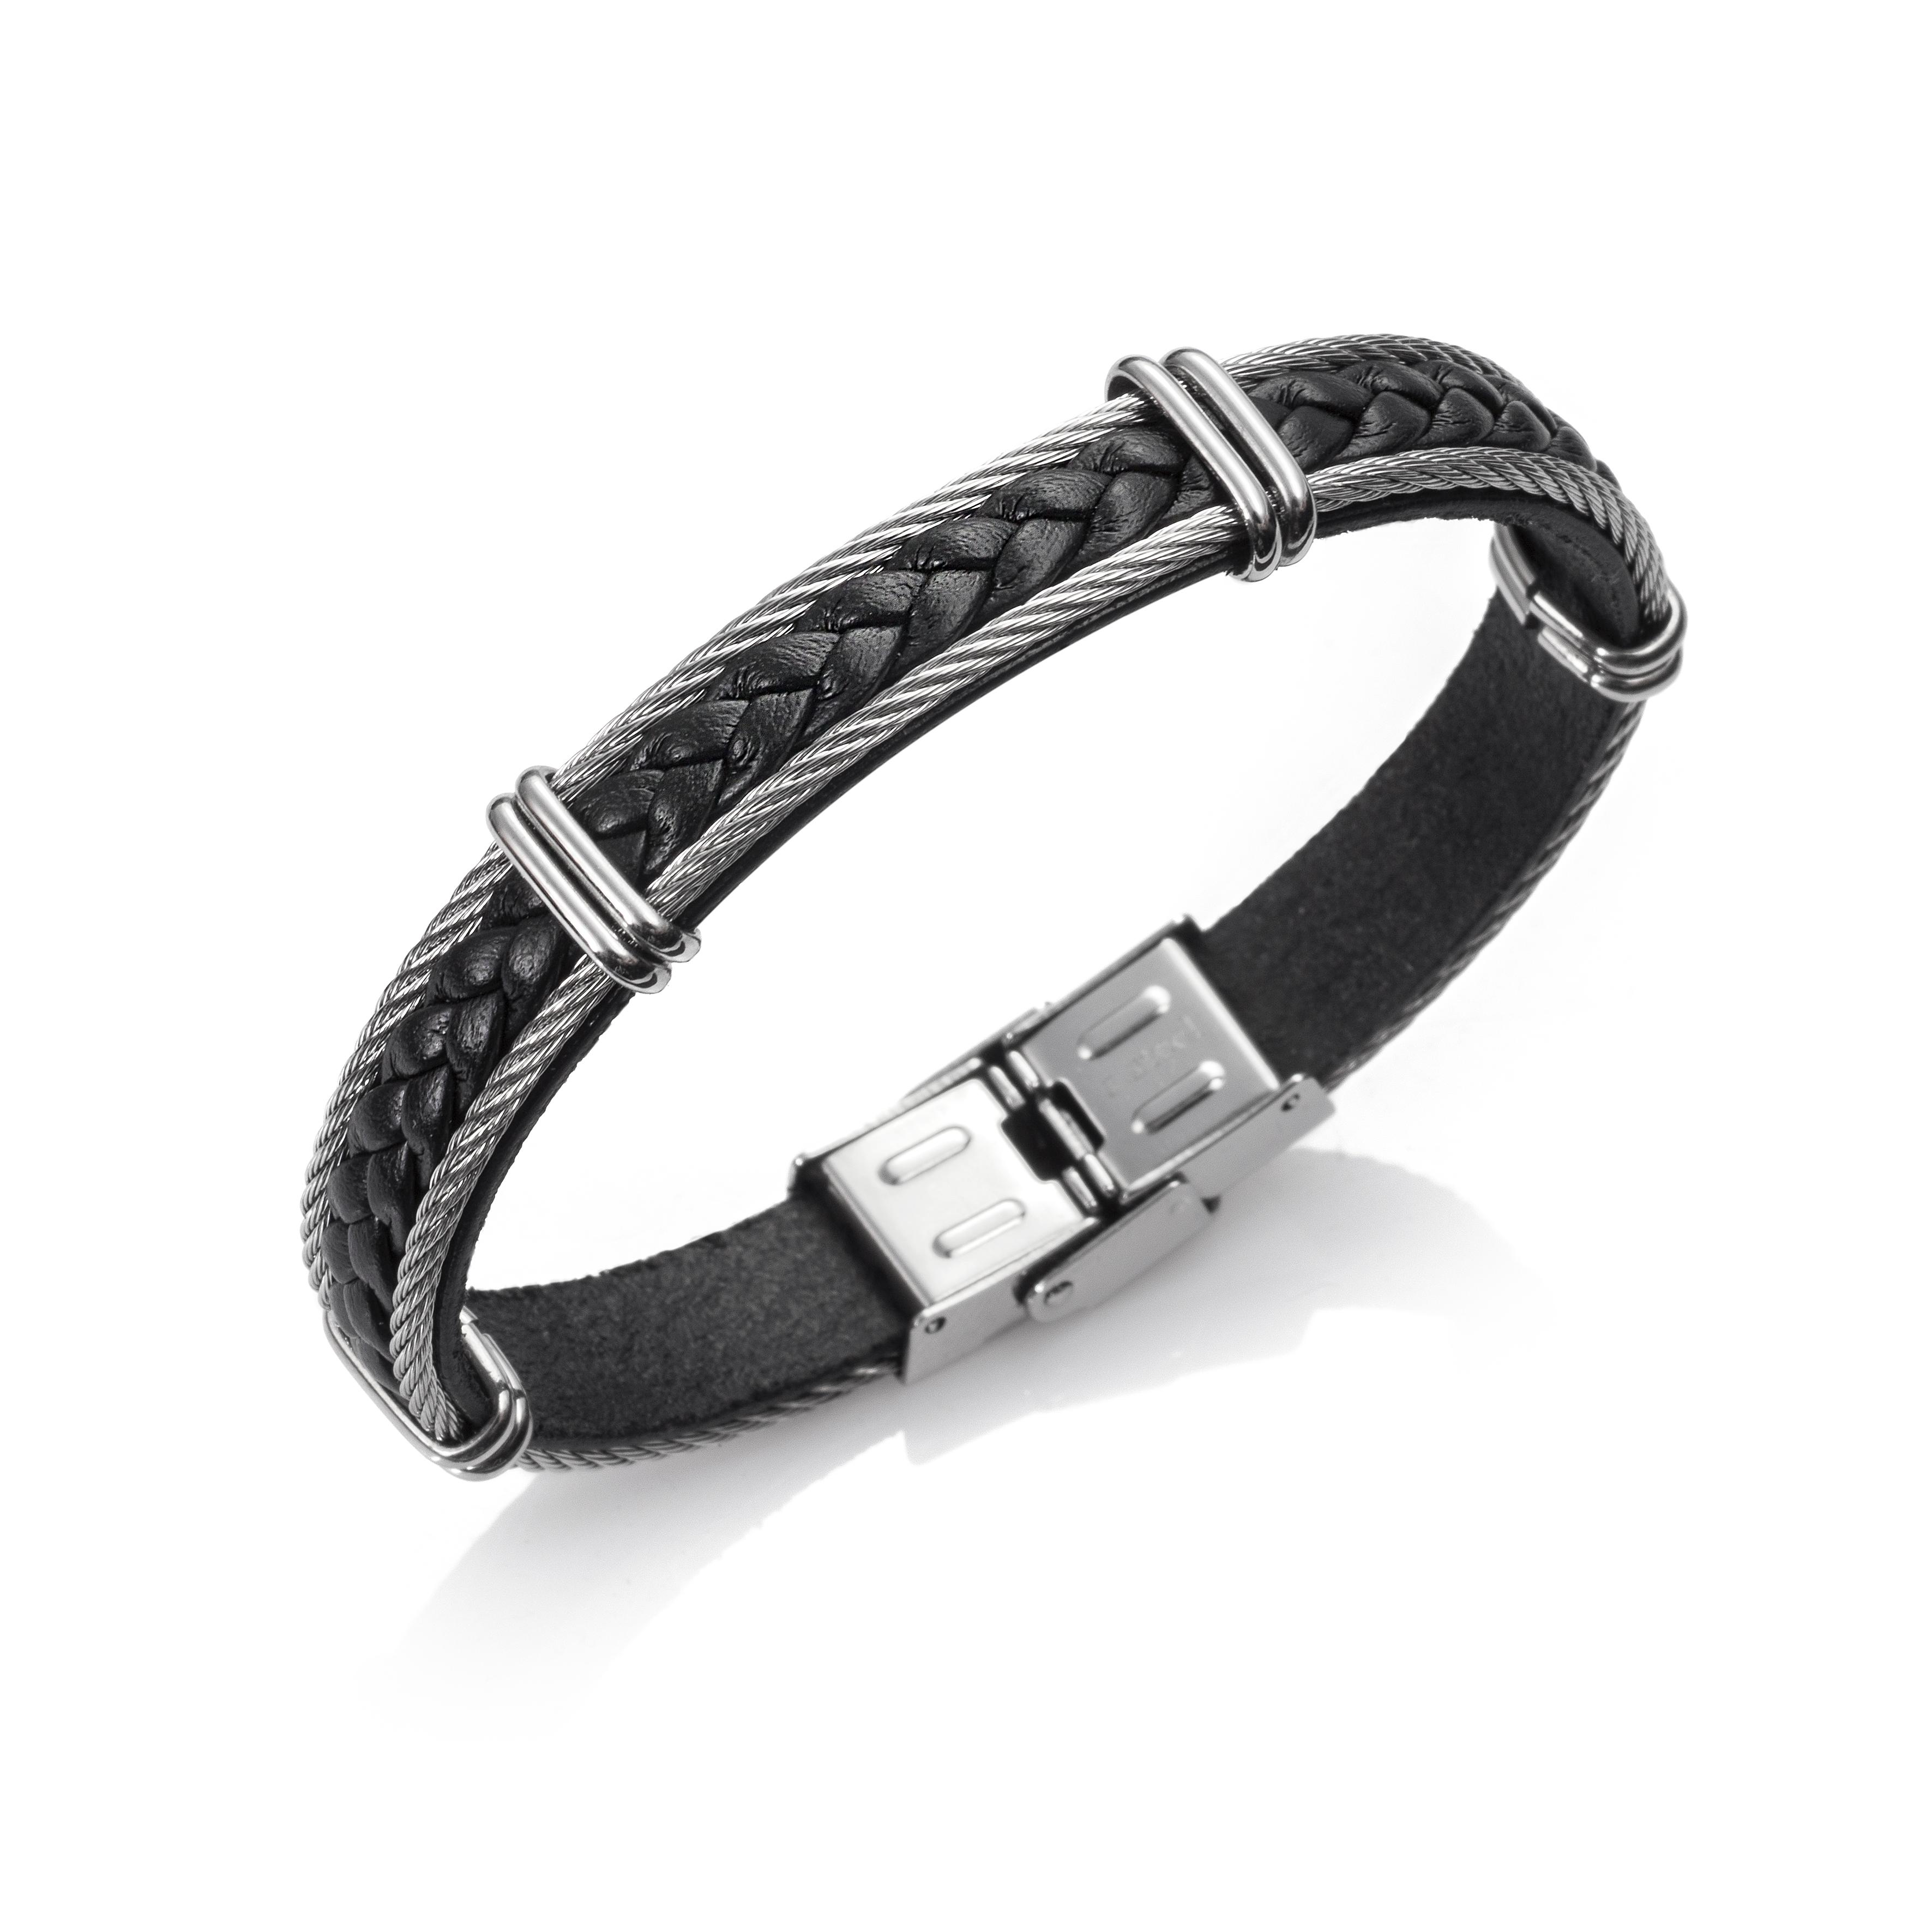 d61e70beee8d 0565506 - Pulsera caballero cuero y cable de acero inoxidable con cierre de  acero inoxidable jolfer